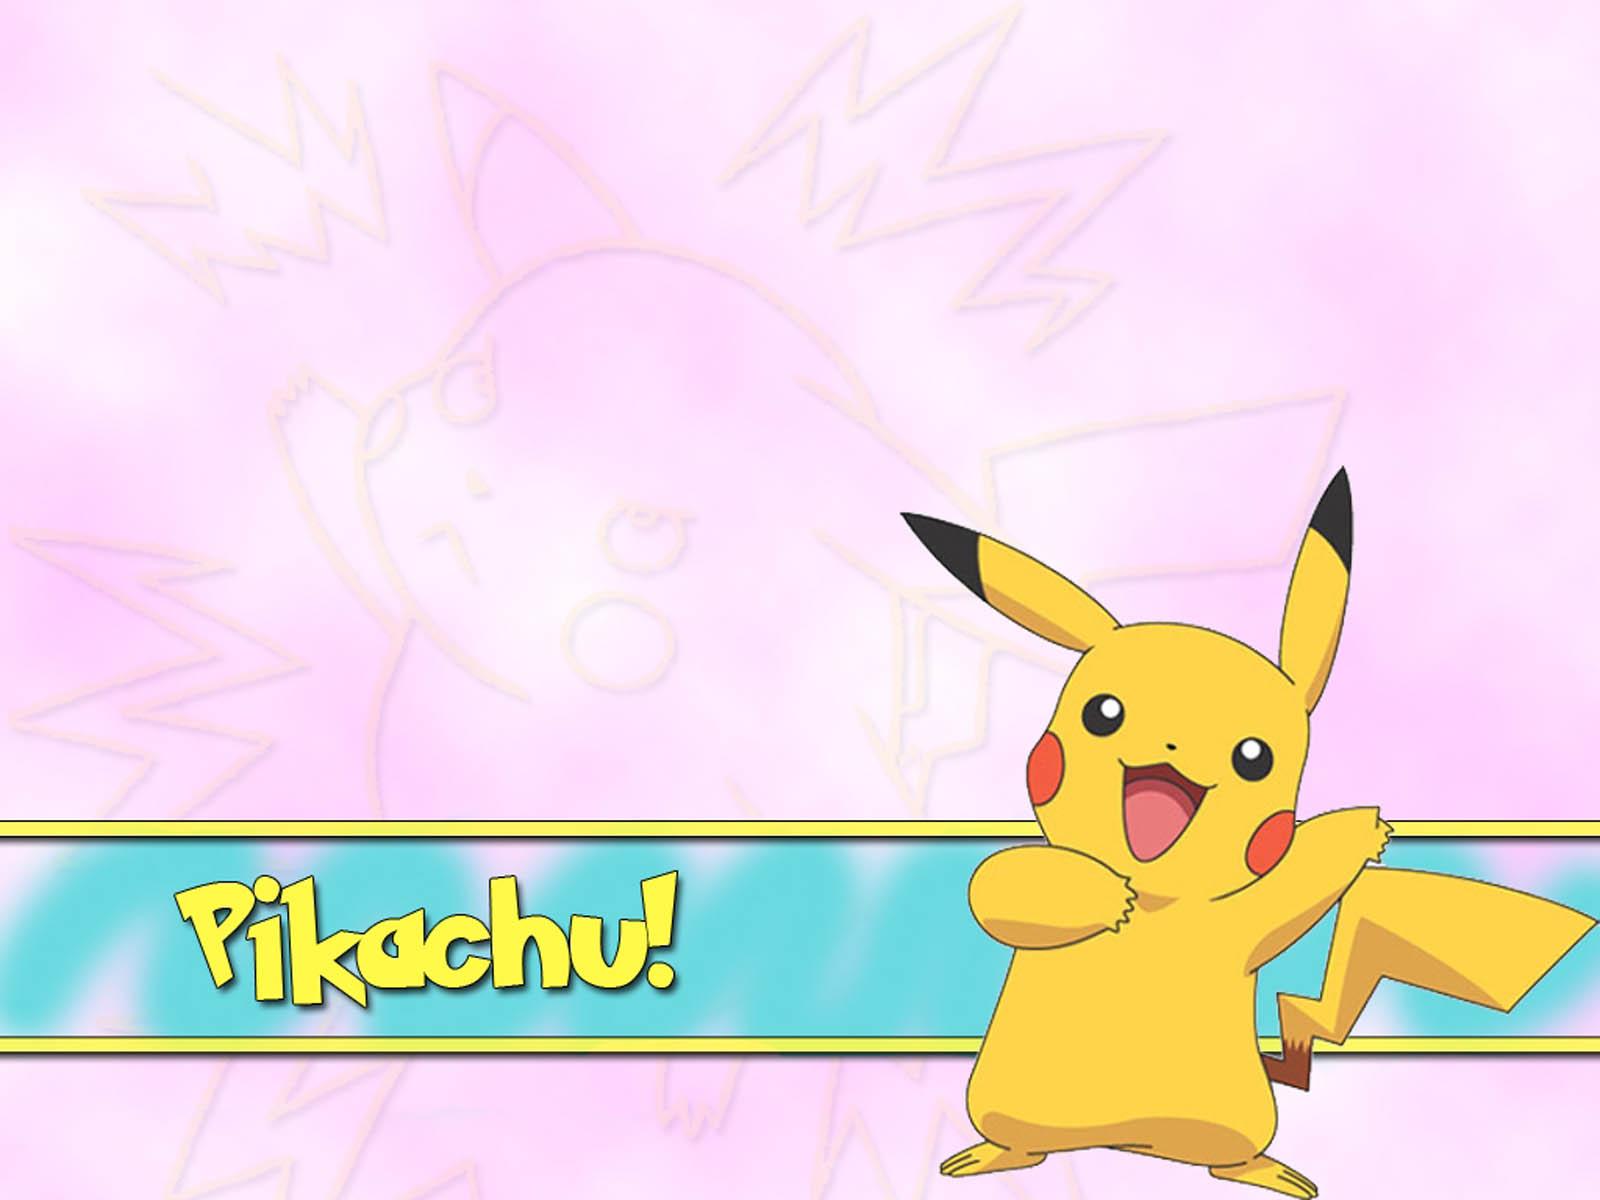 pikachu pokemon wallpaper - photo #19